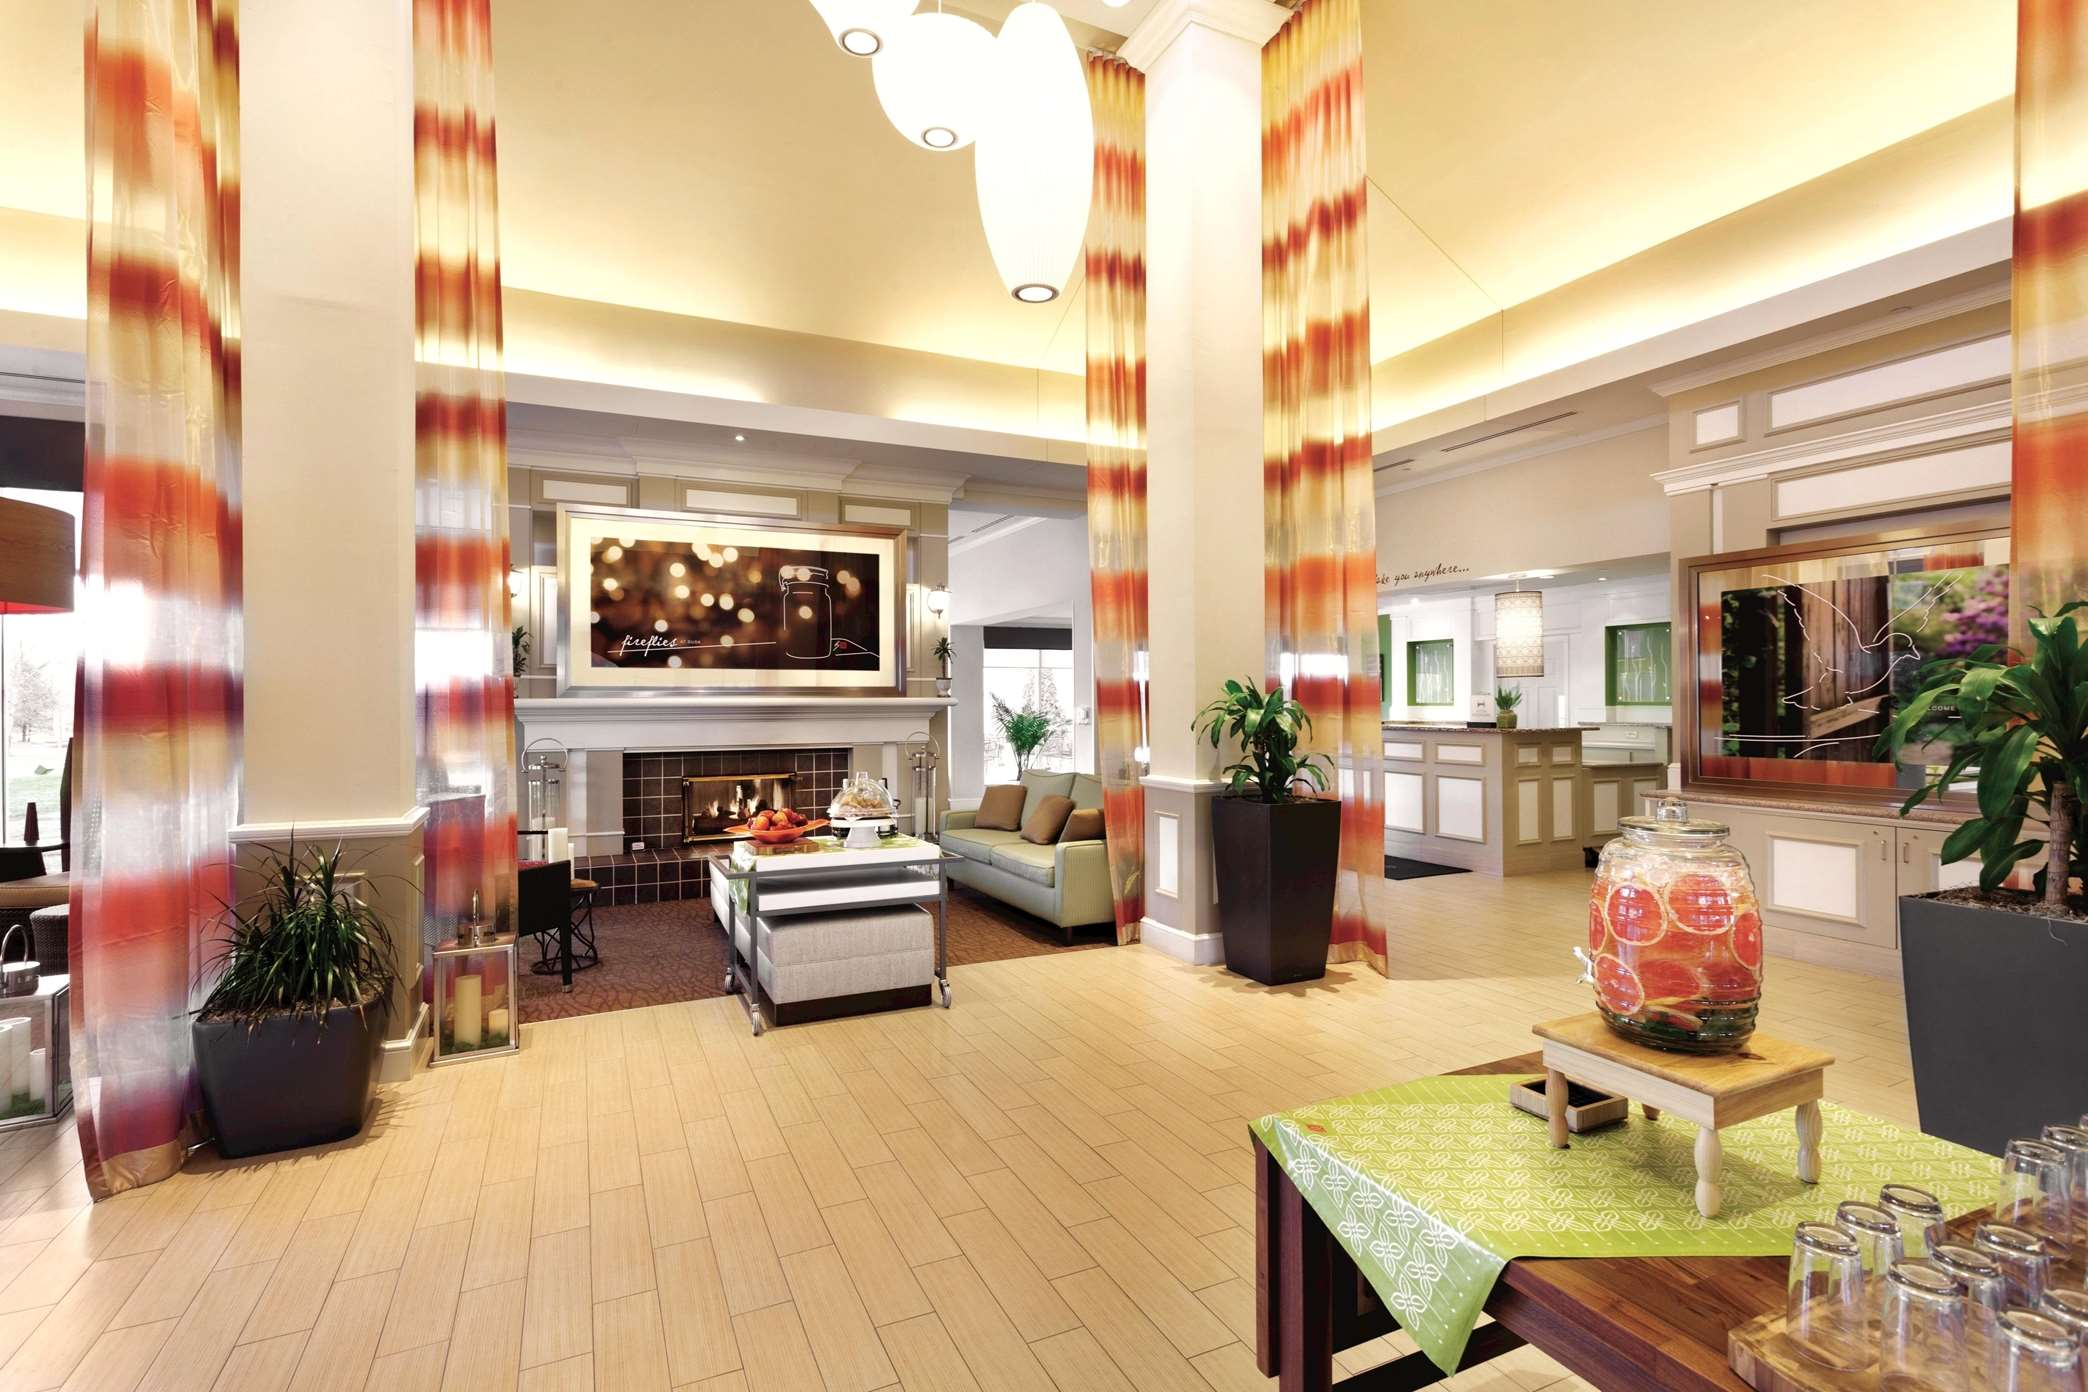 Hilton Garden Inn Bridgewater Bridgewater New Jersey Nj